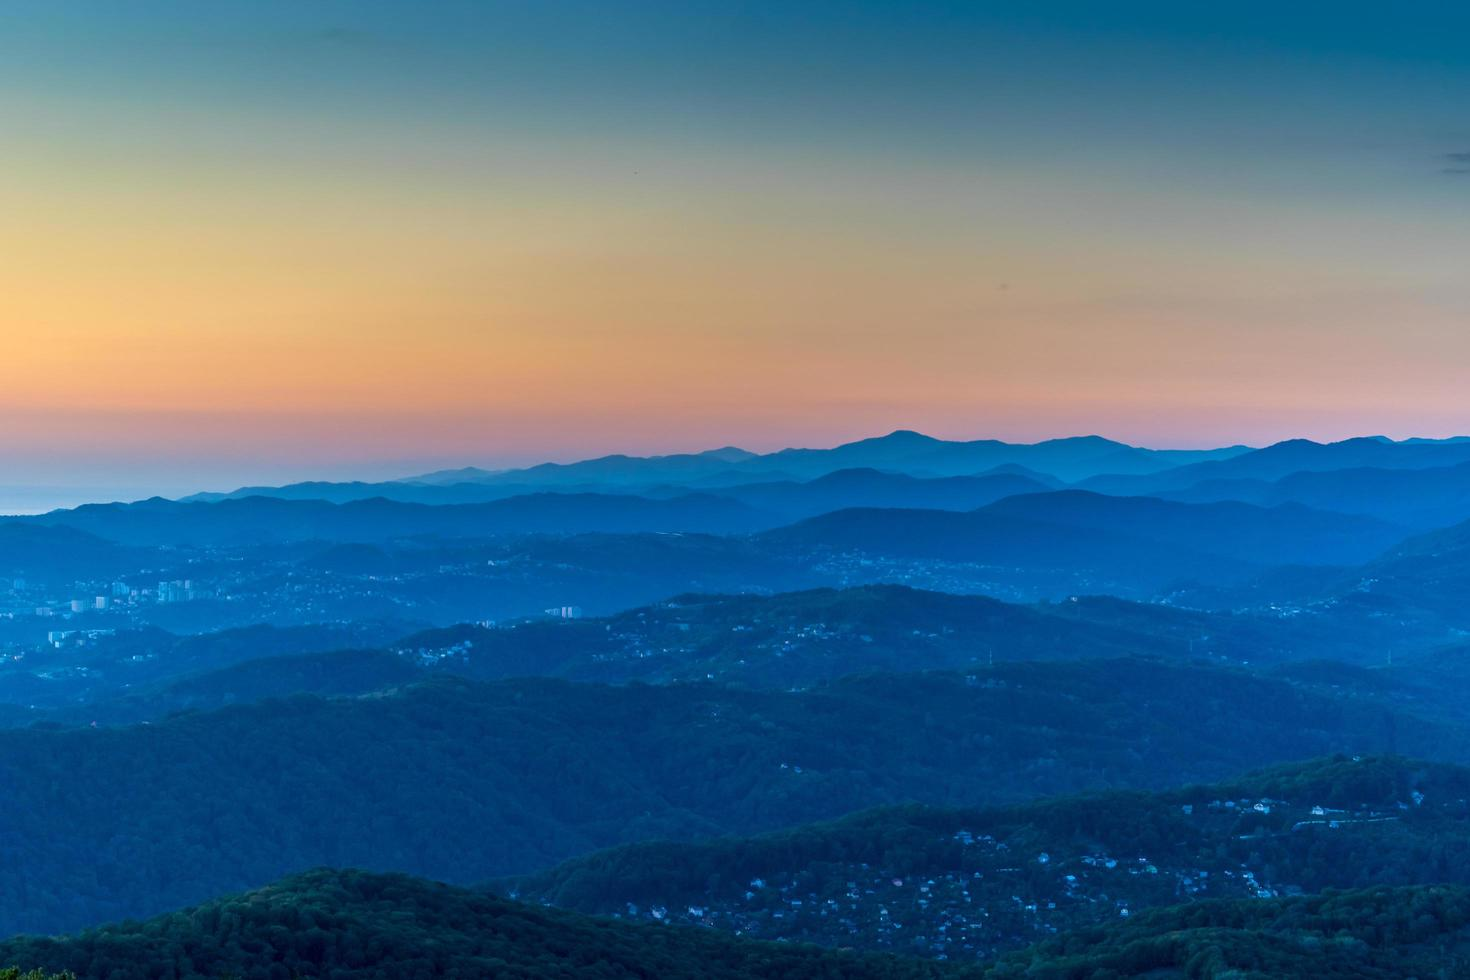 bergslandskap med flera rader av kullar vid solnedgången. foto